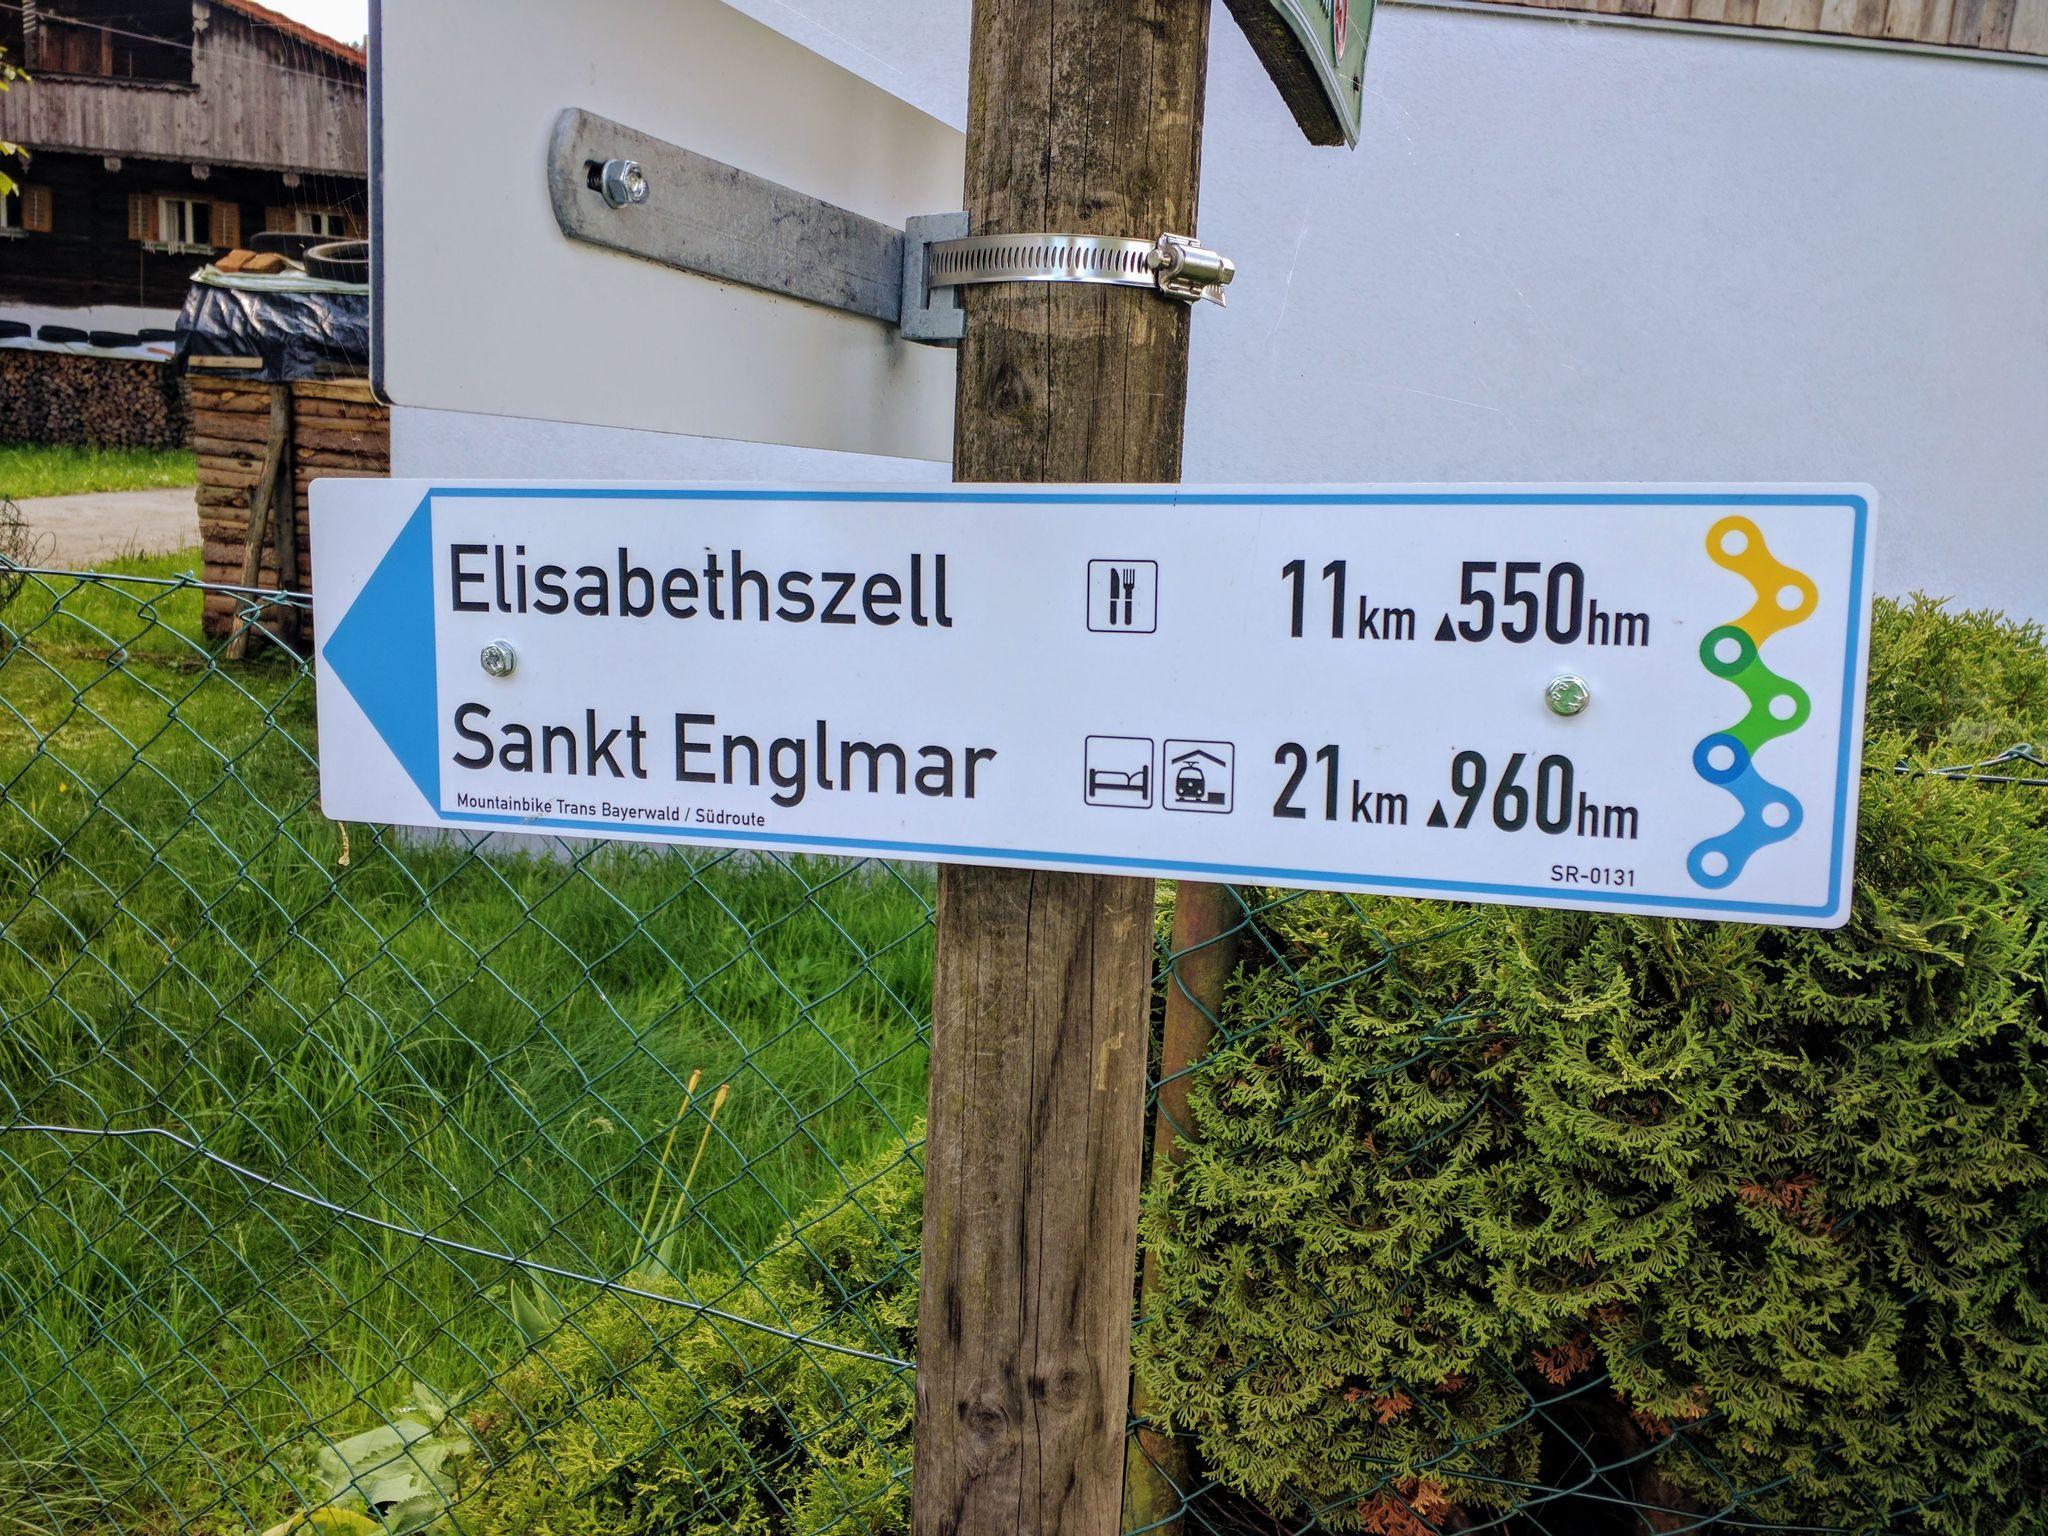 Wegweise in Landorf, noch einige Höhenmeter bis zum Ziel in Sankt Englmar